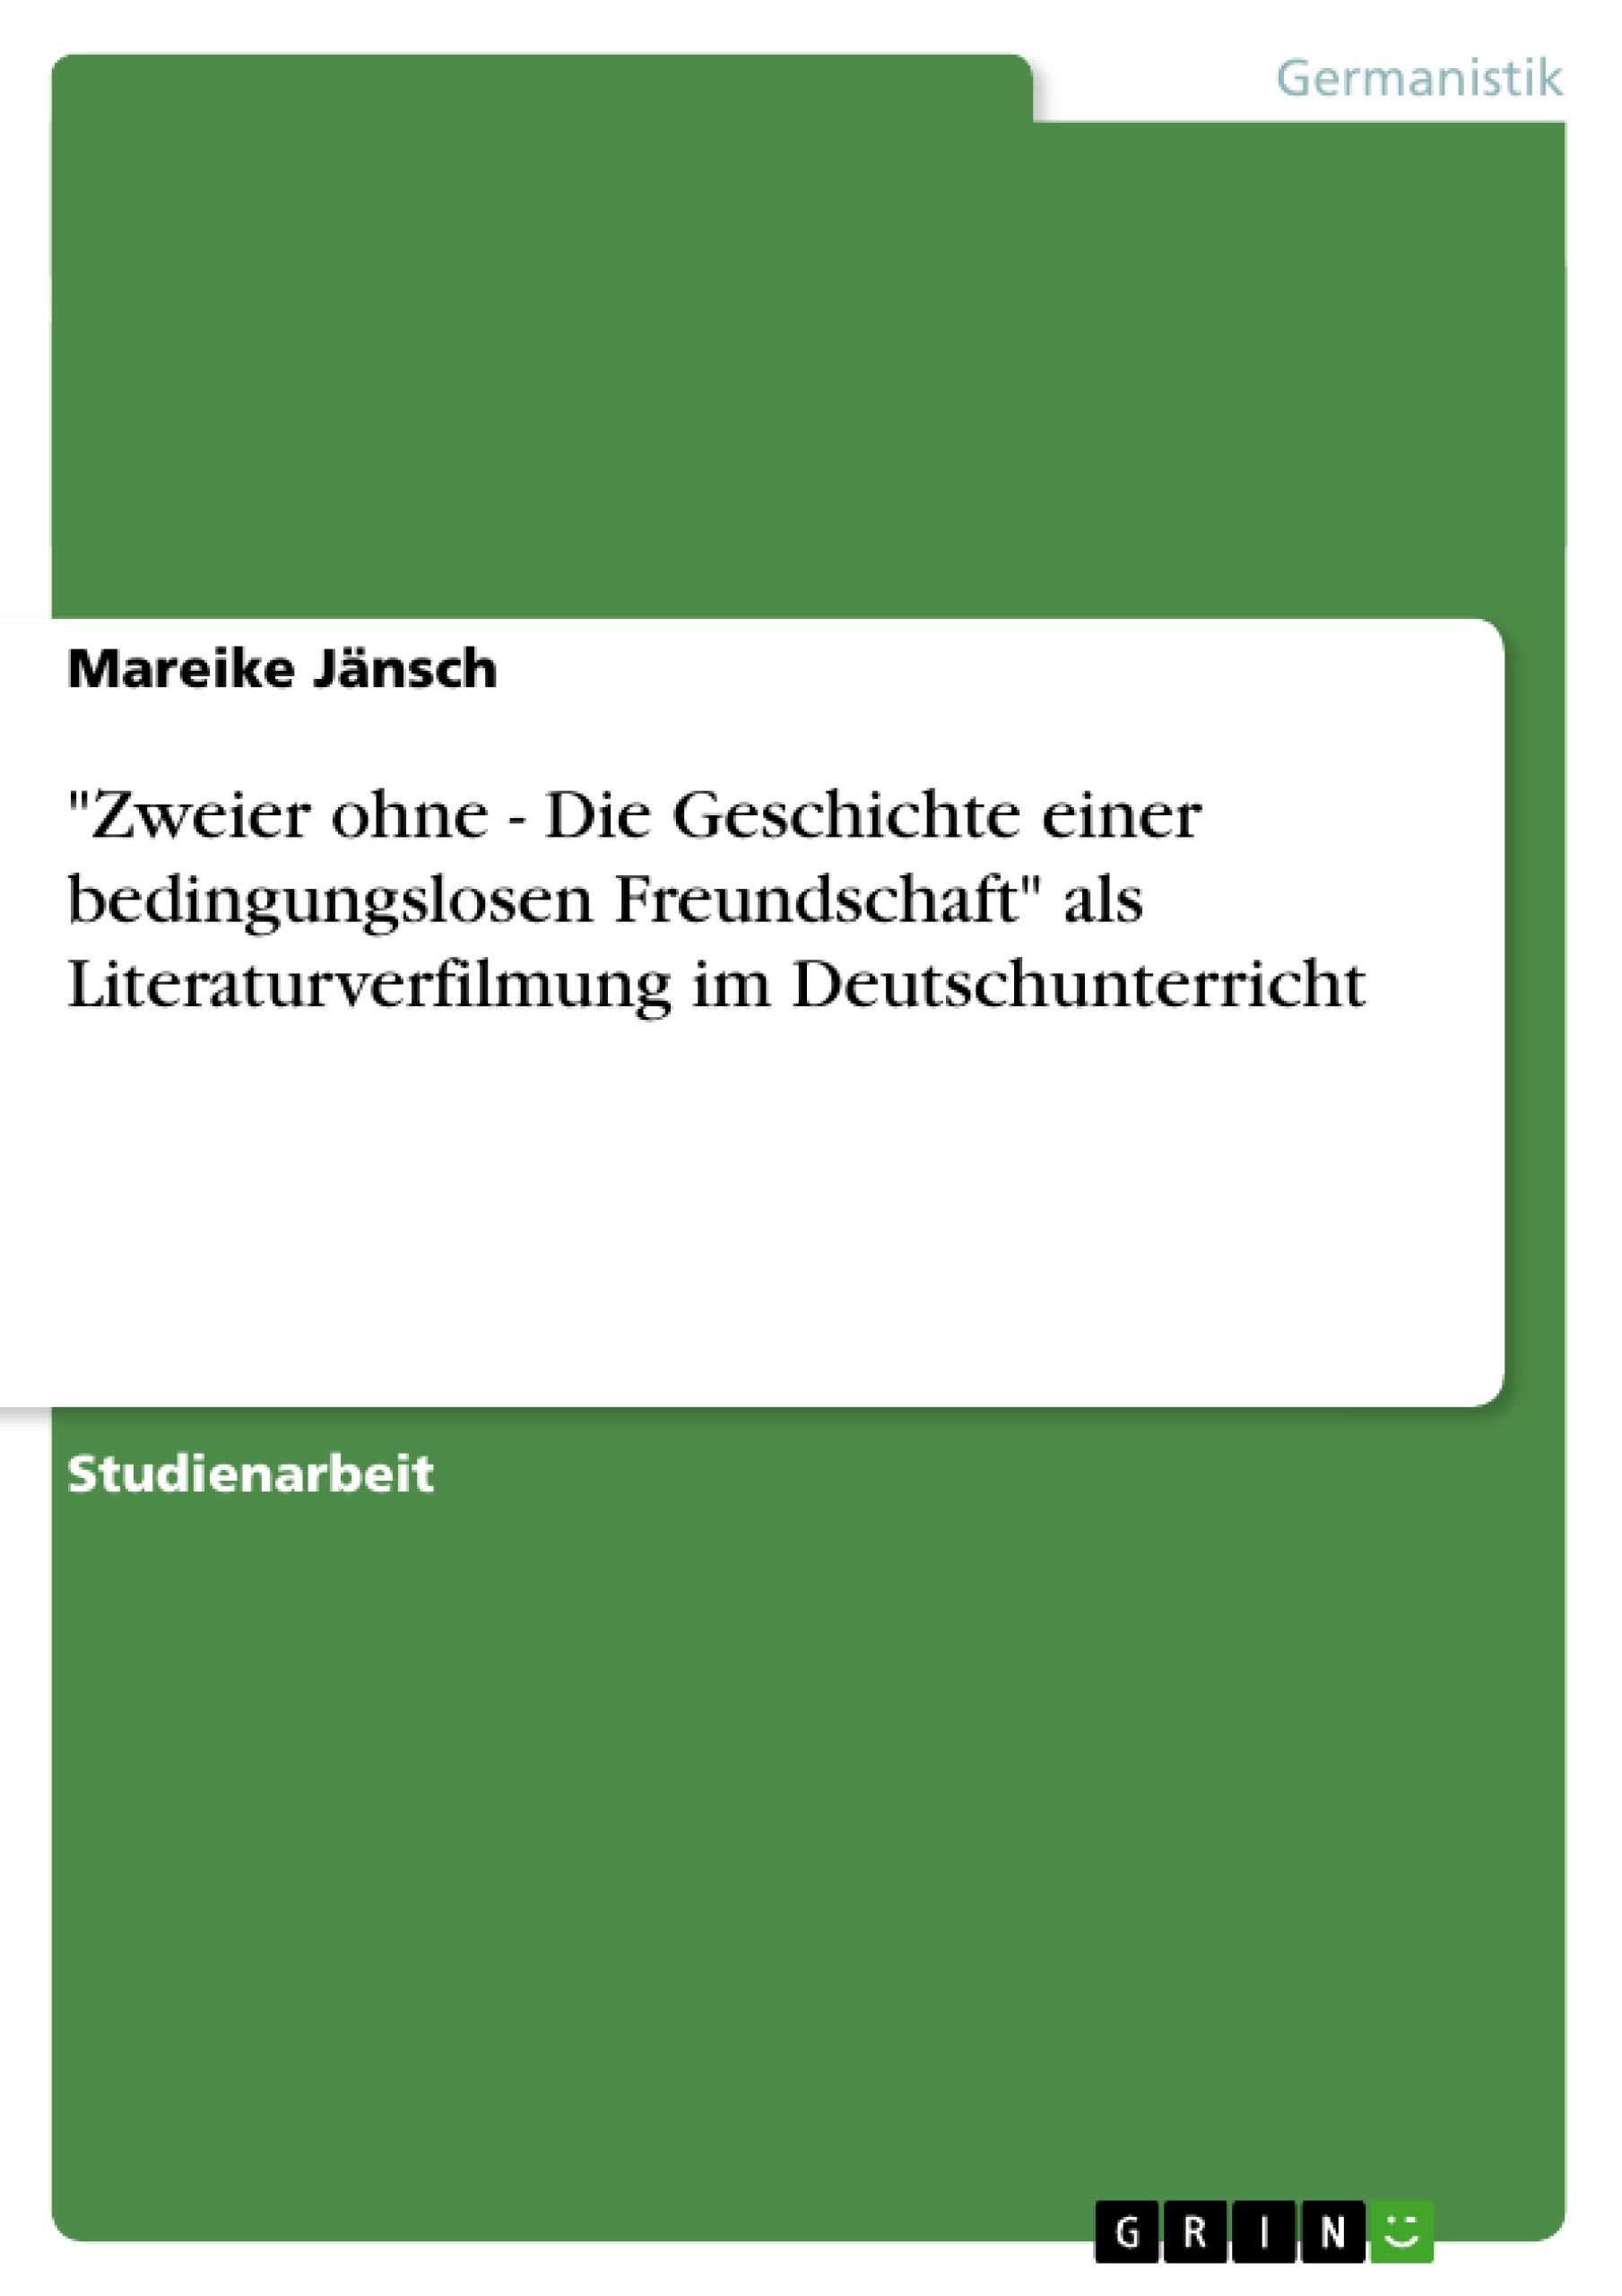 """Titel: """"Zweier ohne - Die Geschichte einer bedingungslosen Freundschaft""""  als Literaturverfilmung im Deutschunterricht"""